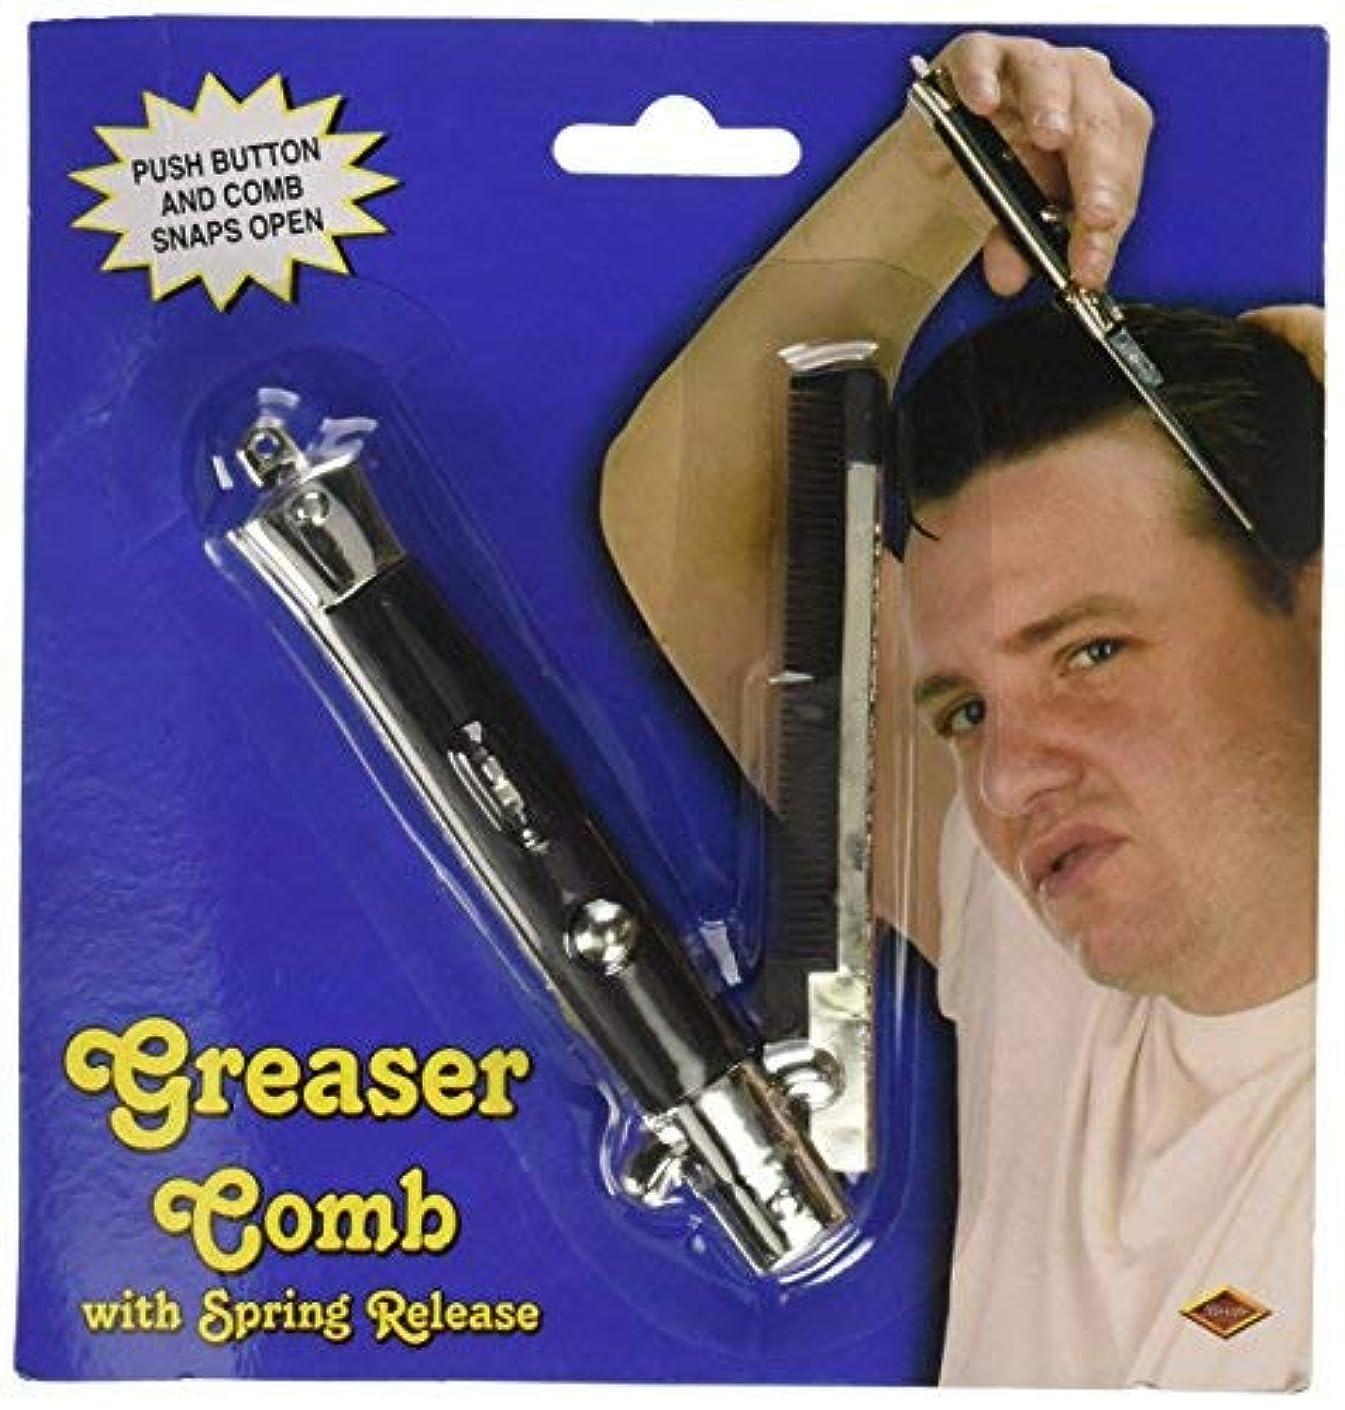 グッゲンハイム美術館パターン抽選Greaser Comb Party Accessory (1 count) (1/Pkg) [並行輸入品]